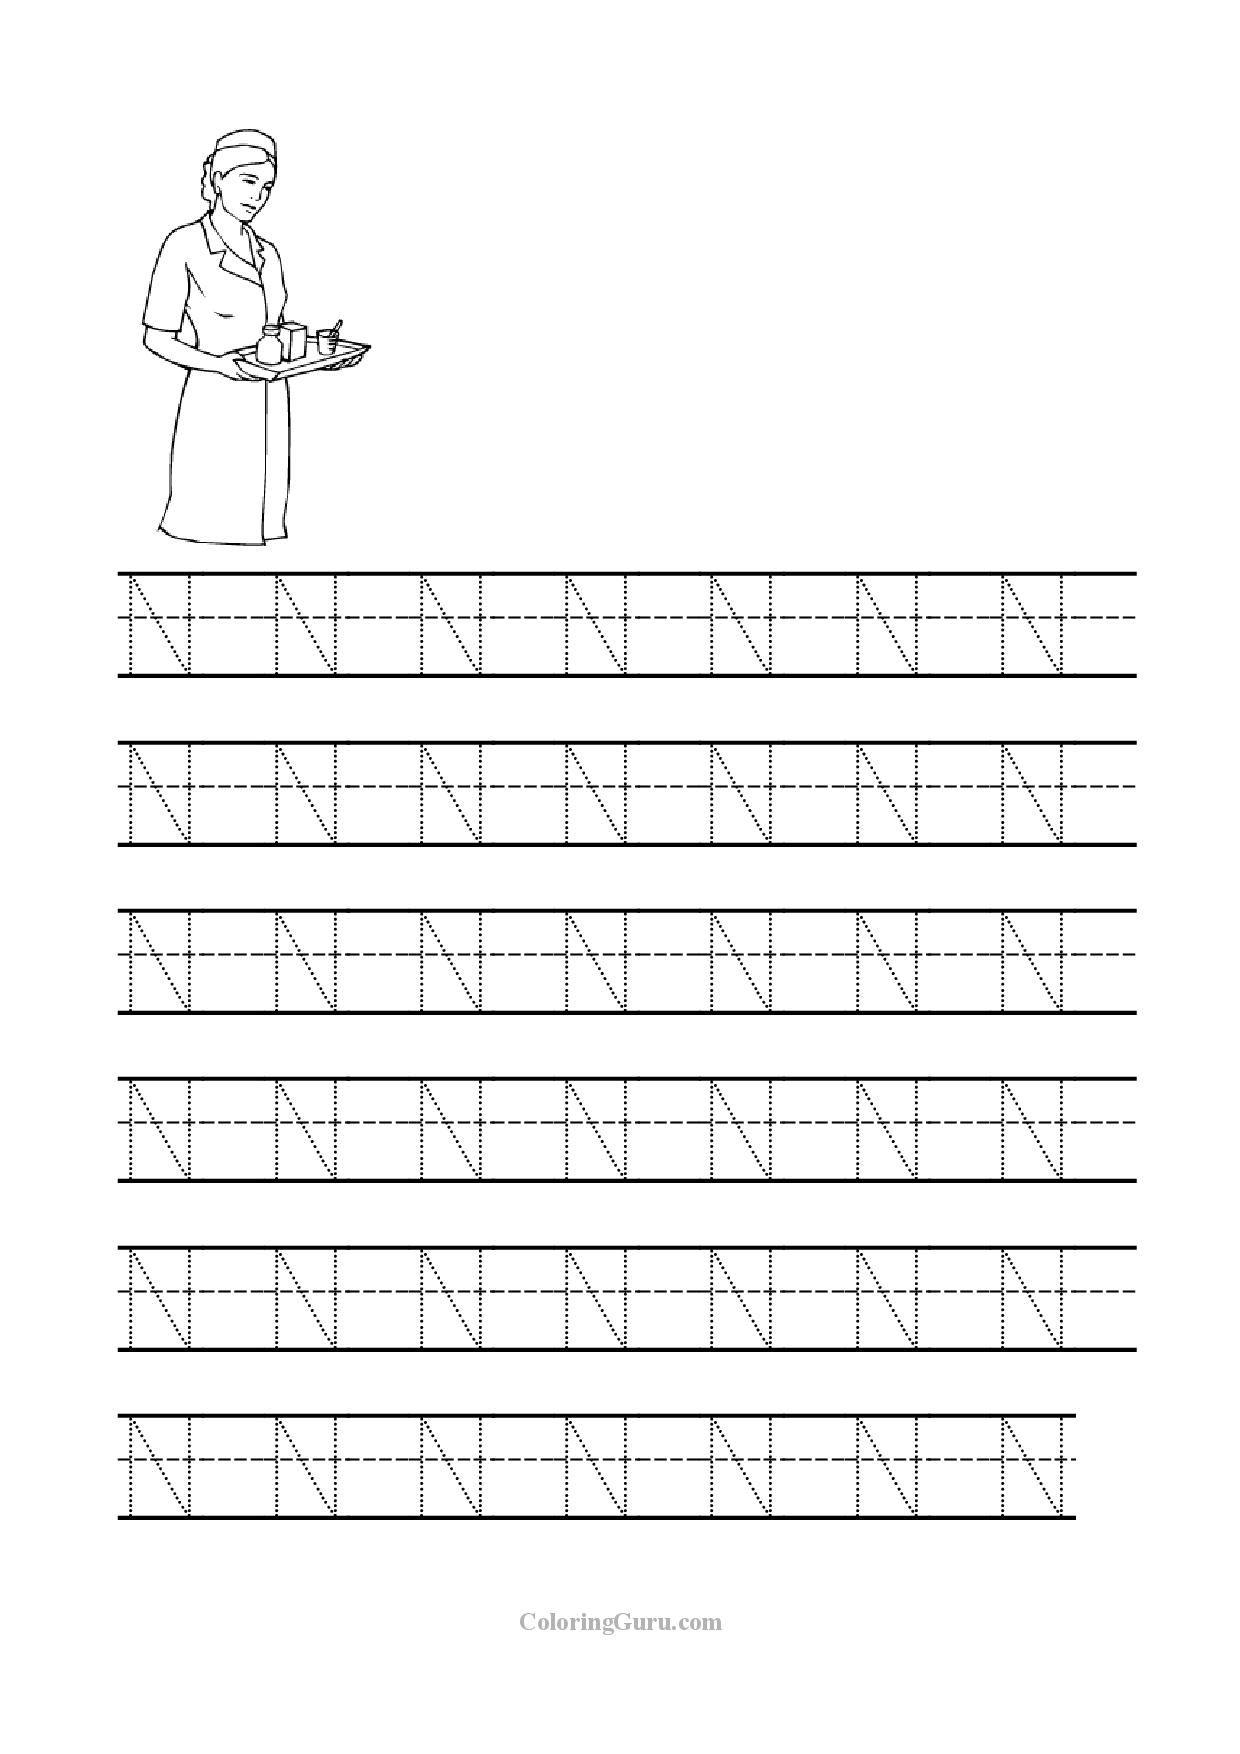 Letter N Worksheet Mybook